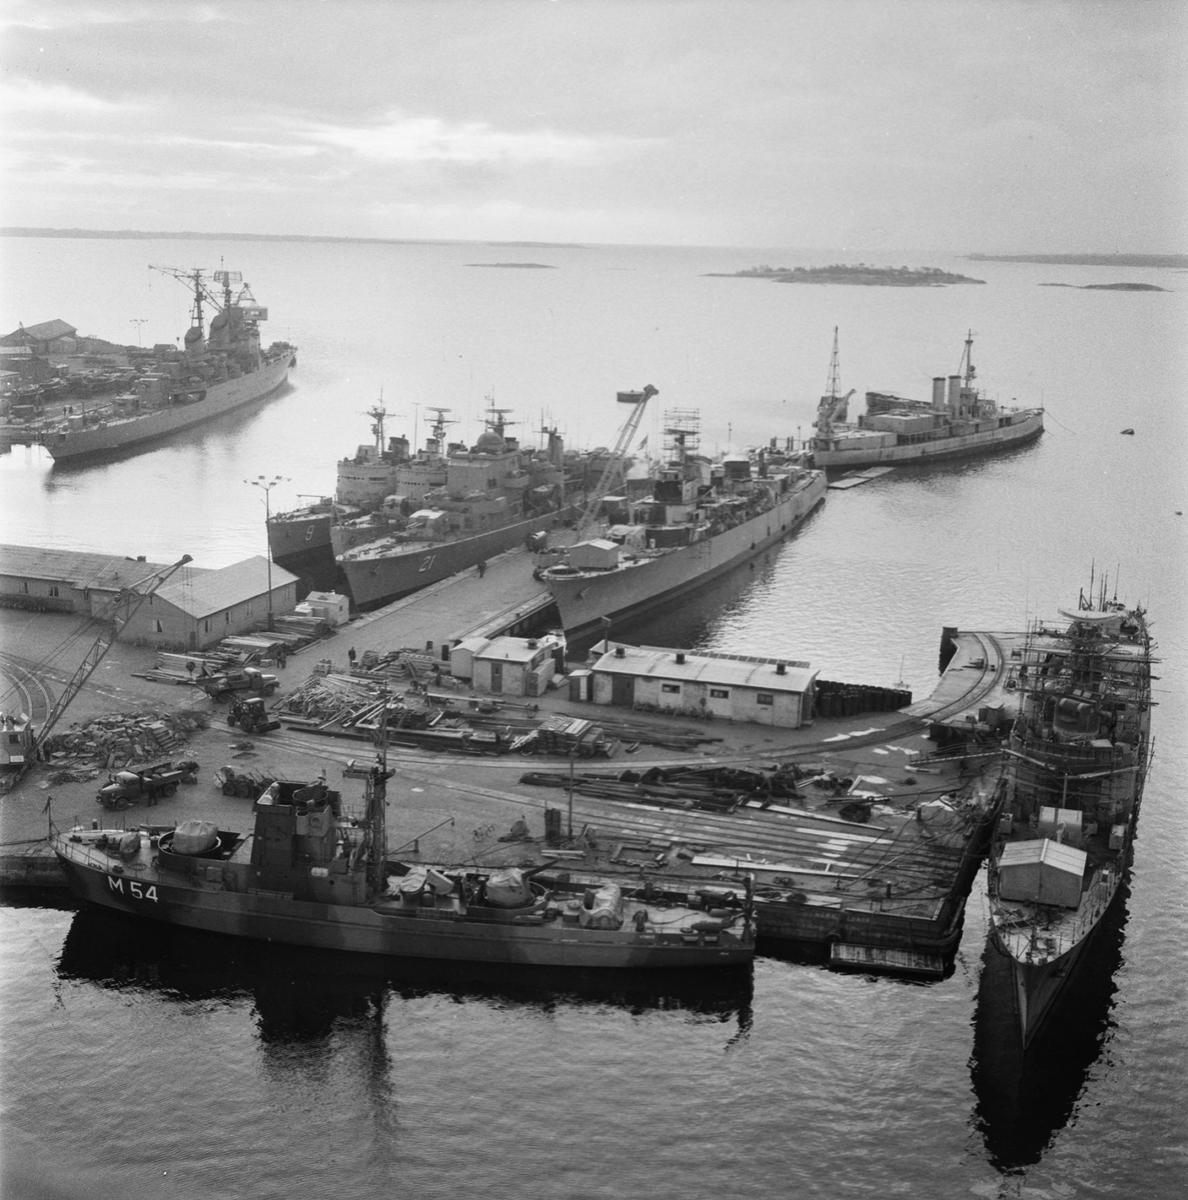 Övrigt: Fotodatum:5/1 1959 Byggnader och Kranar. Kajer å varvet med förtöjda fartyg. Närmast identisk bild: V16285, ej skannad